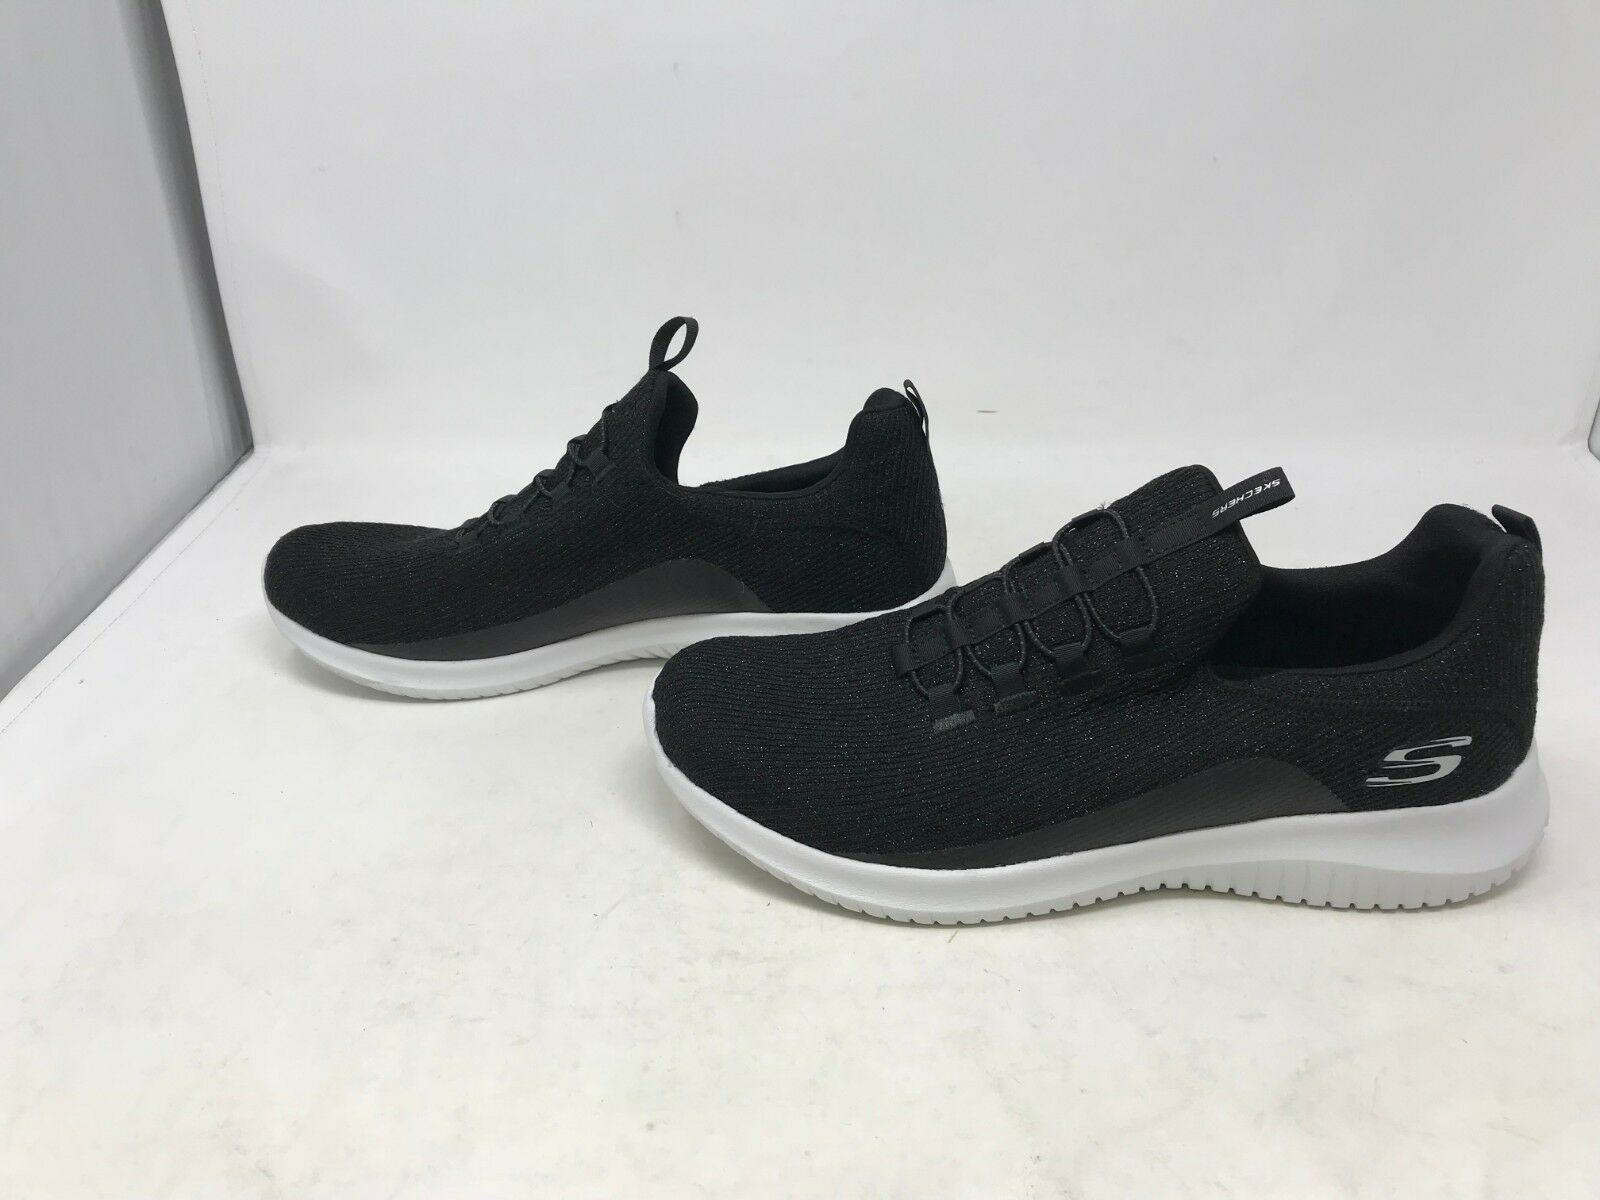 Femme Skechers (12830) ULTRA FLEX Sneakers (22N)